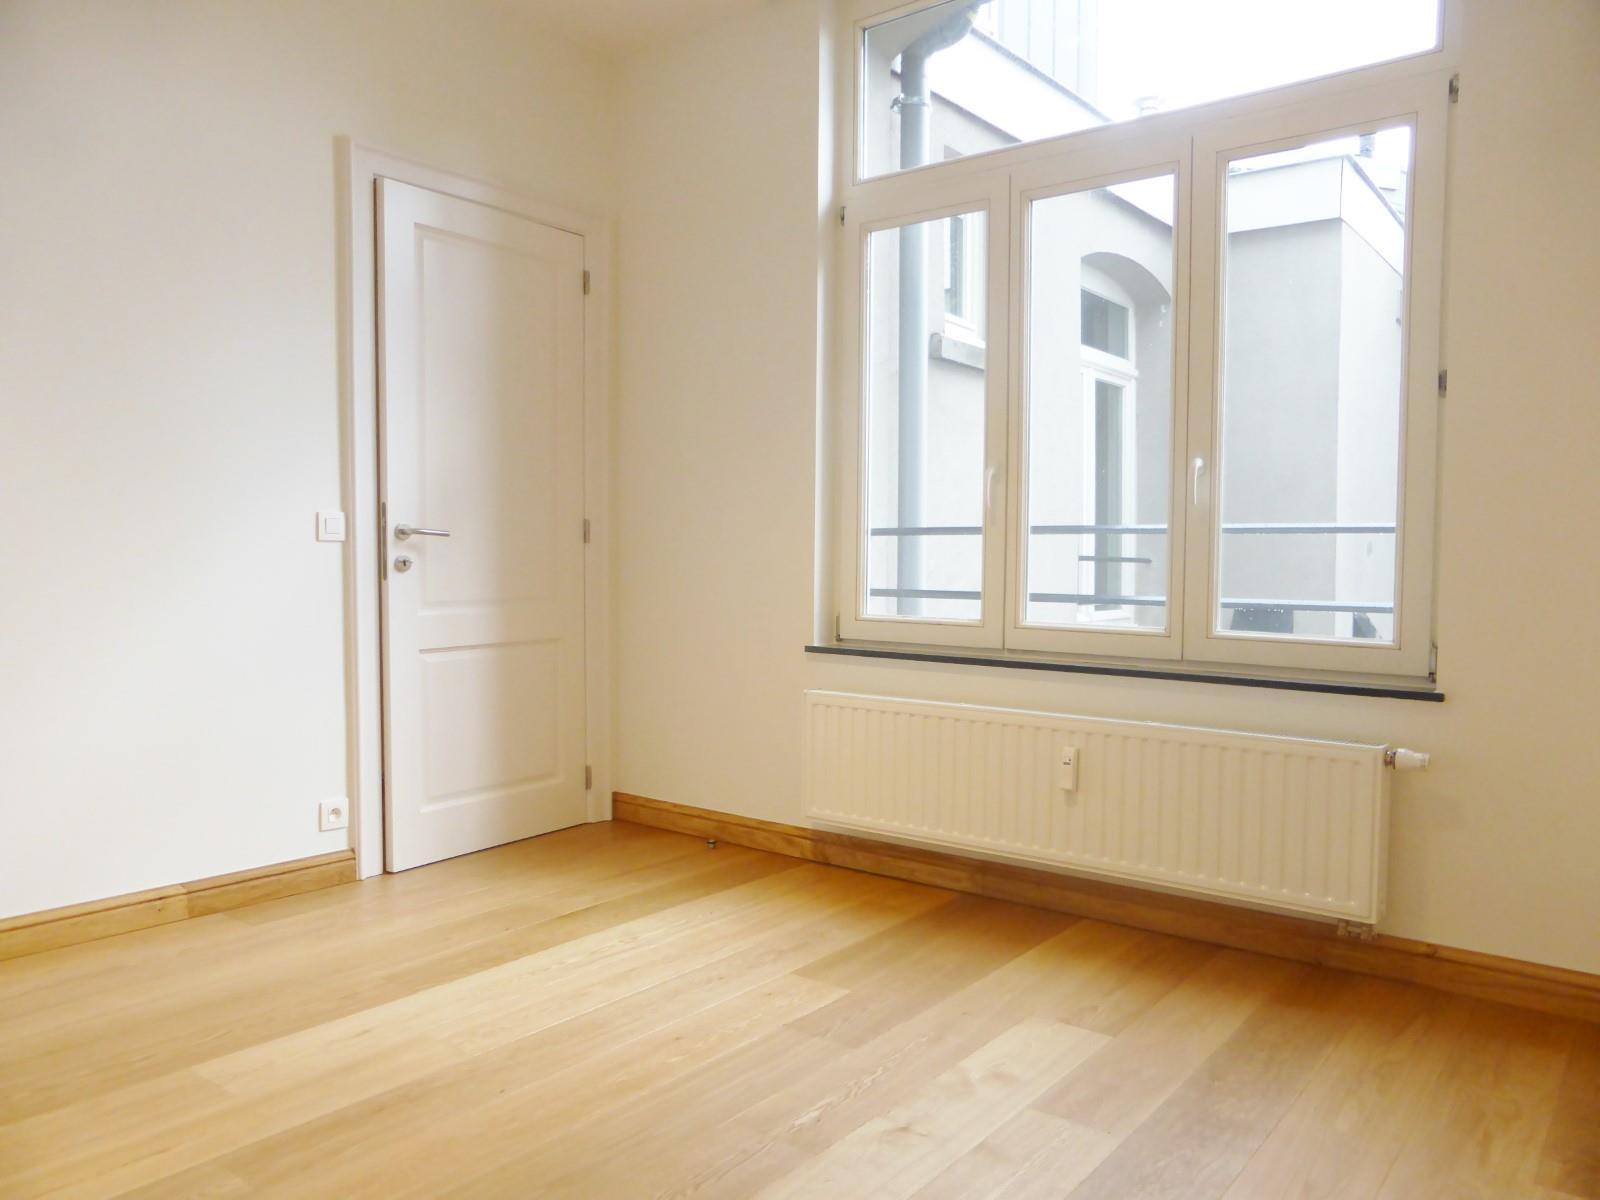 Appartement exceptionnel - Bruxelles - #4056384-32